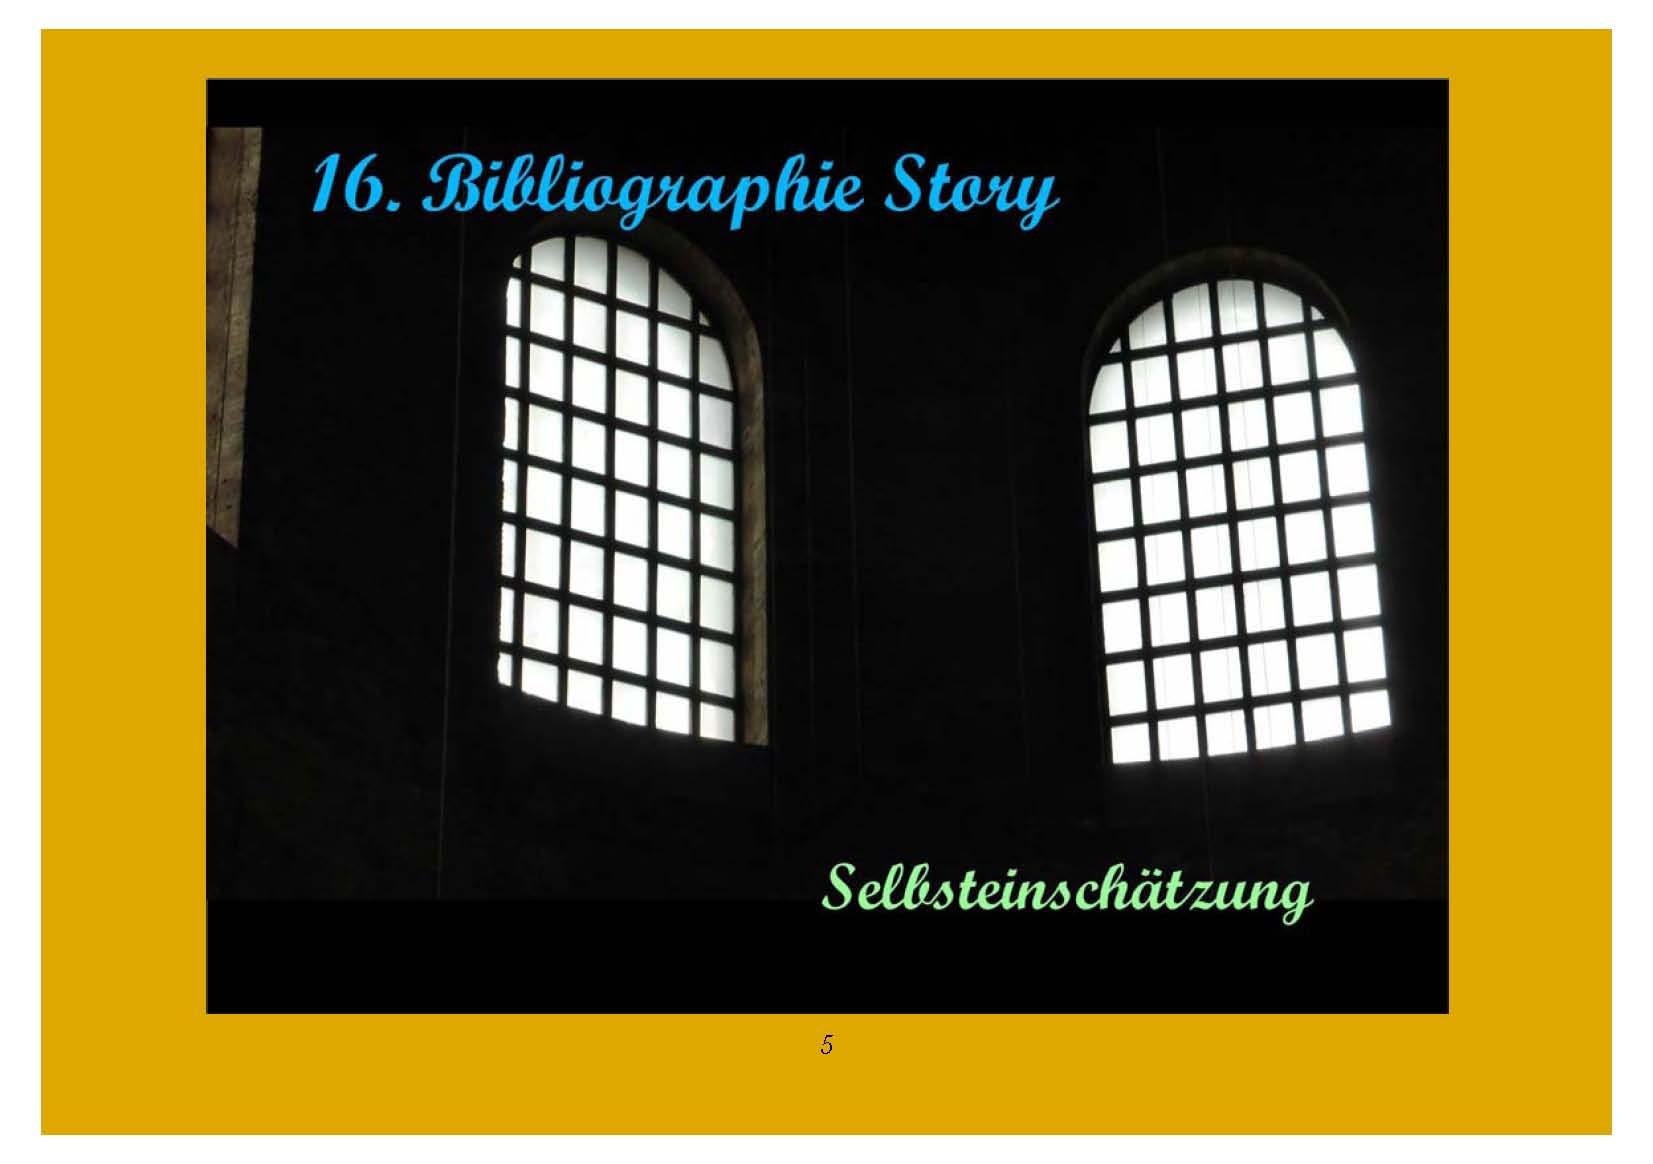 ™Gigabuch-Bibliothek/iAutobiographie Band 16/Bild 1136